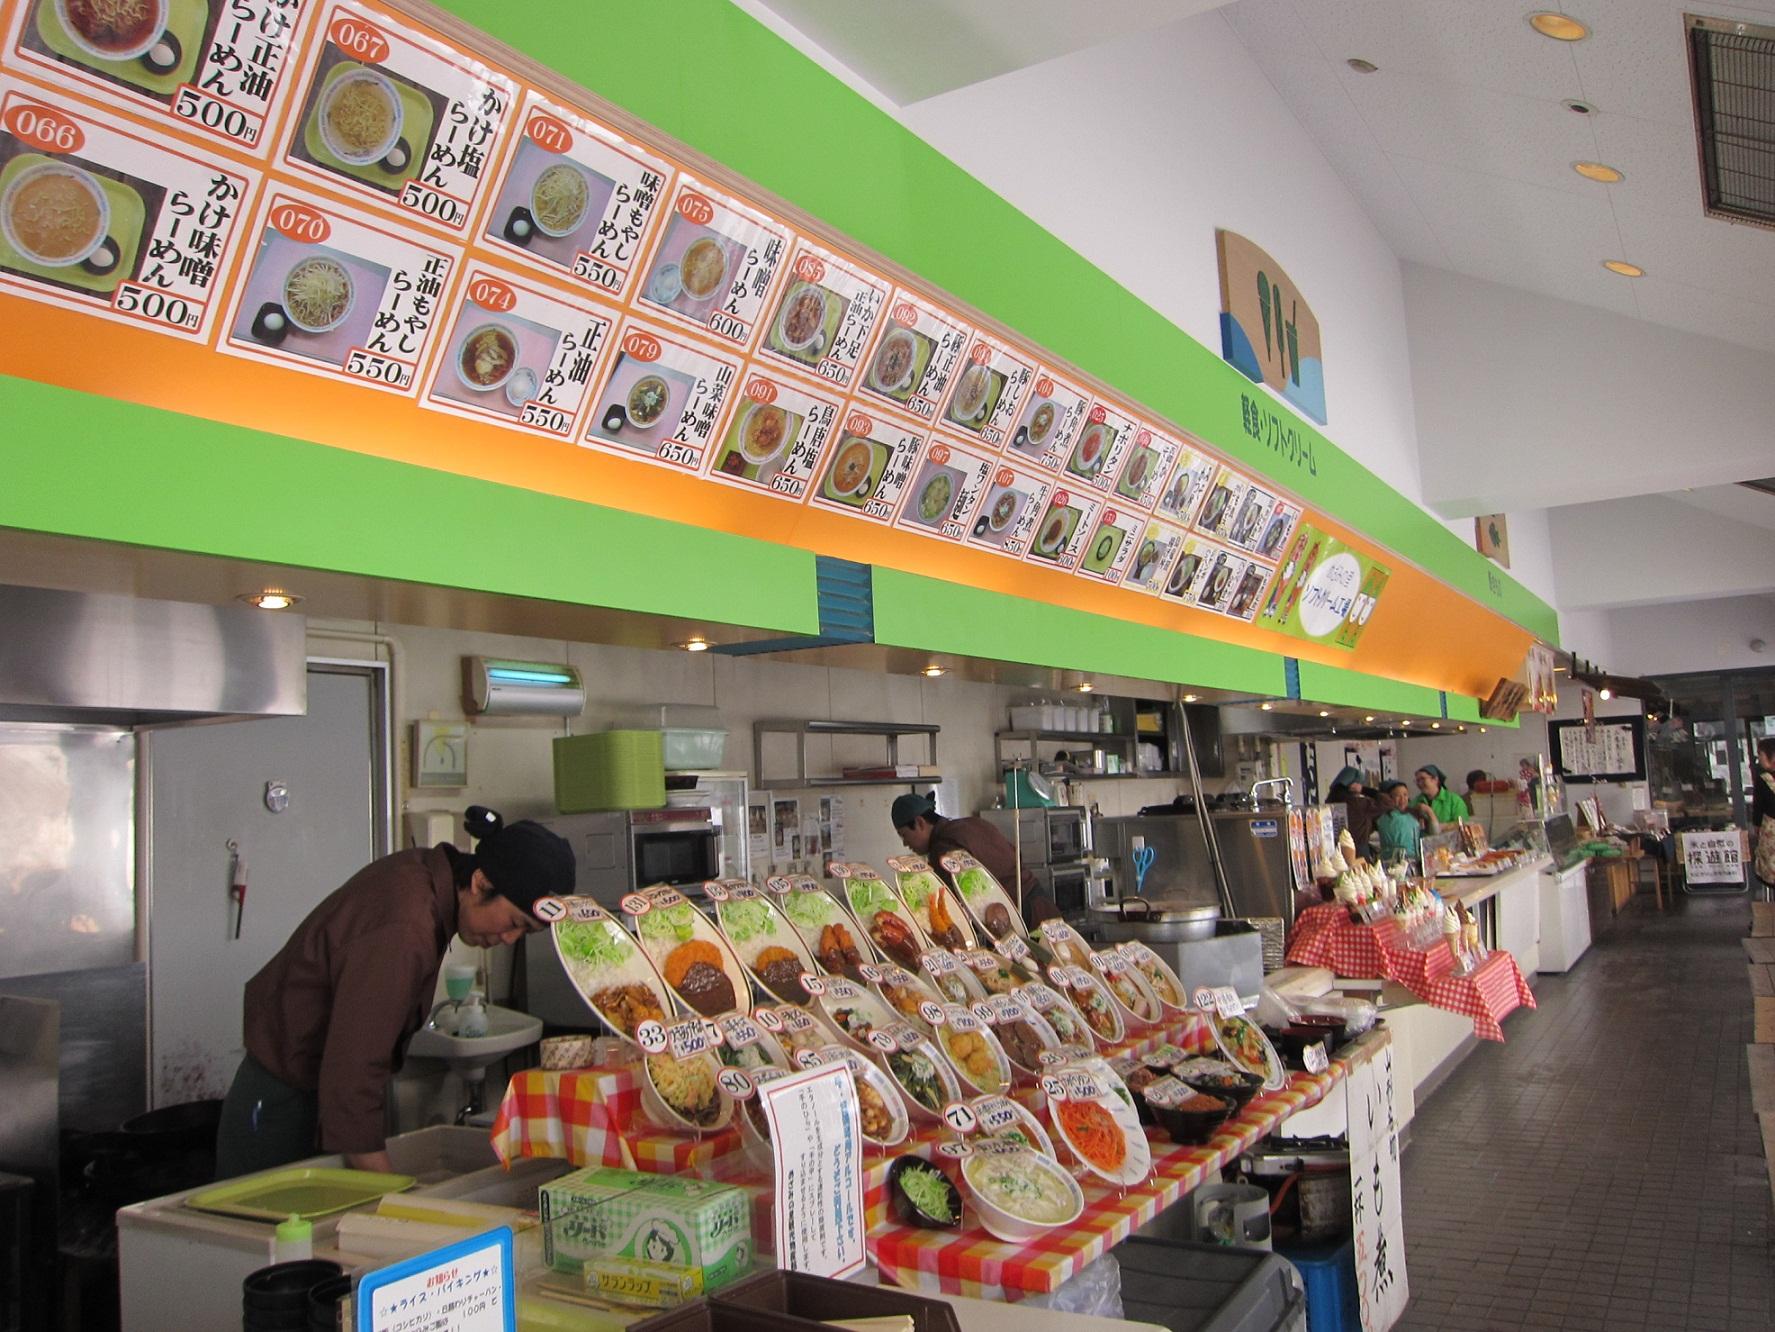 ファーストフードコーナー 営業時間変更のお知らせ!:画像